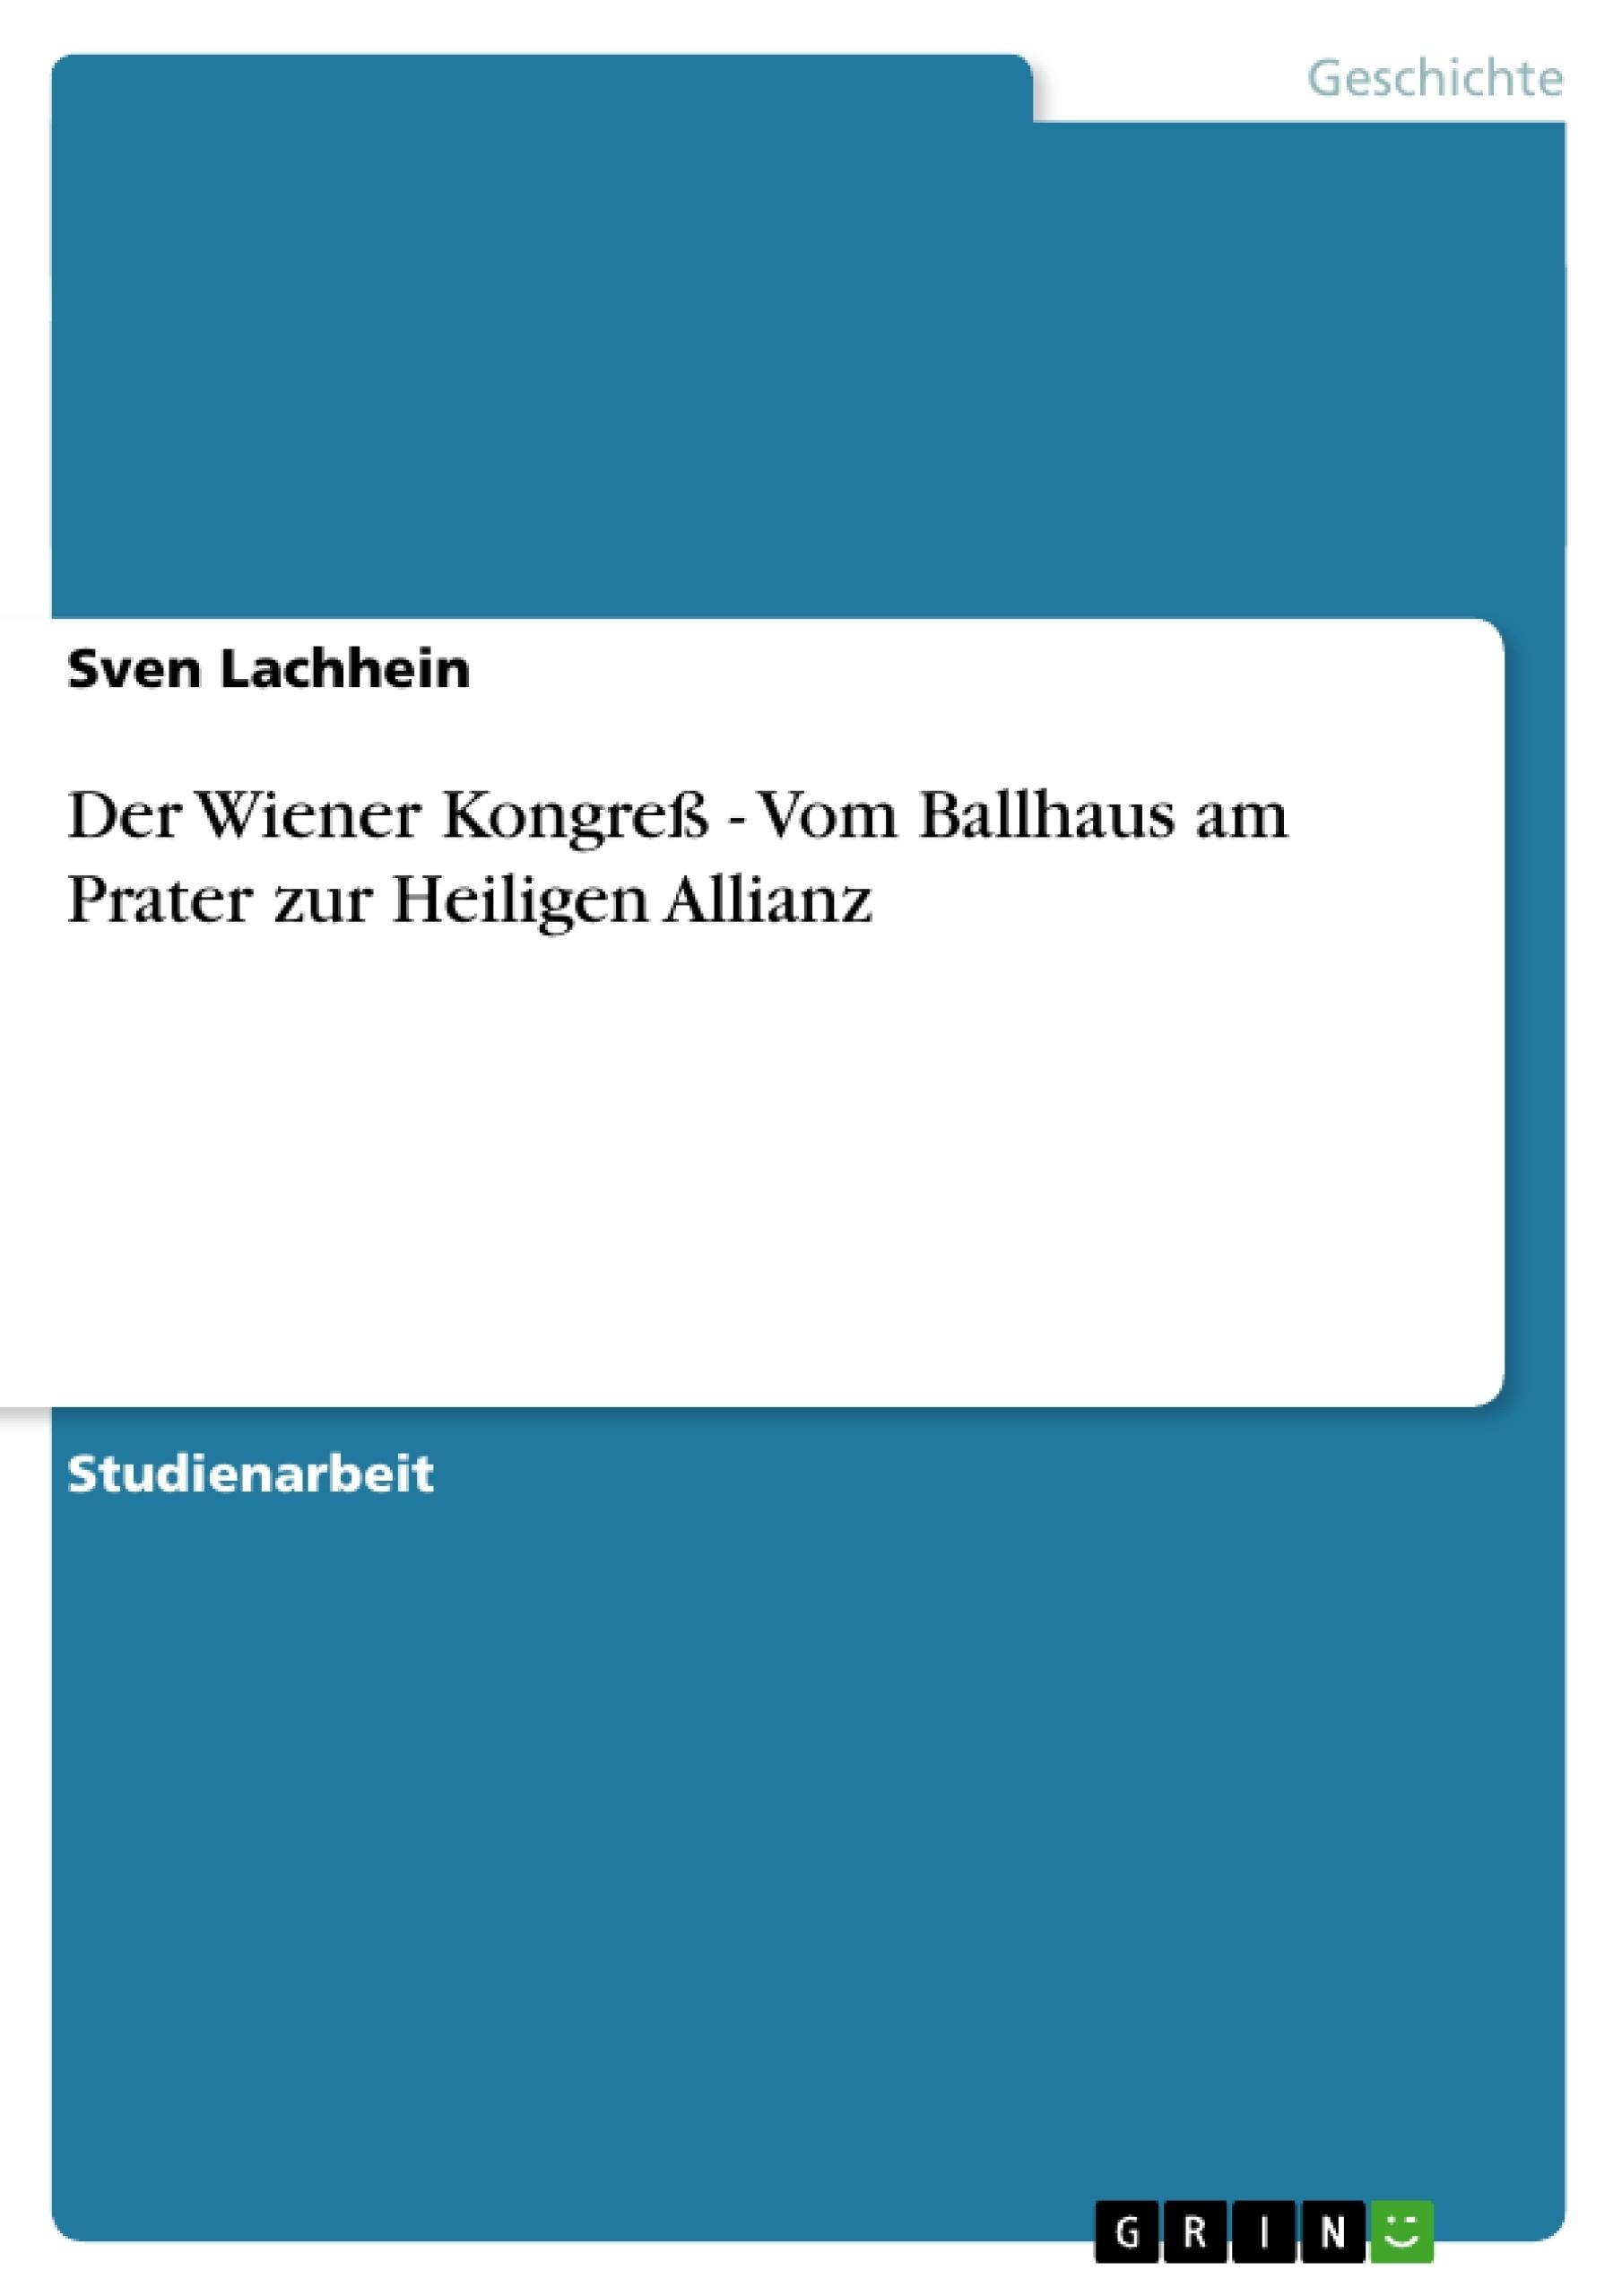 Titel: Der Wiener Kongreß - Vom Ballhaus am Prater zur Heiligen Allianz